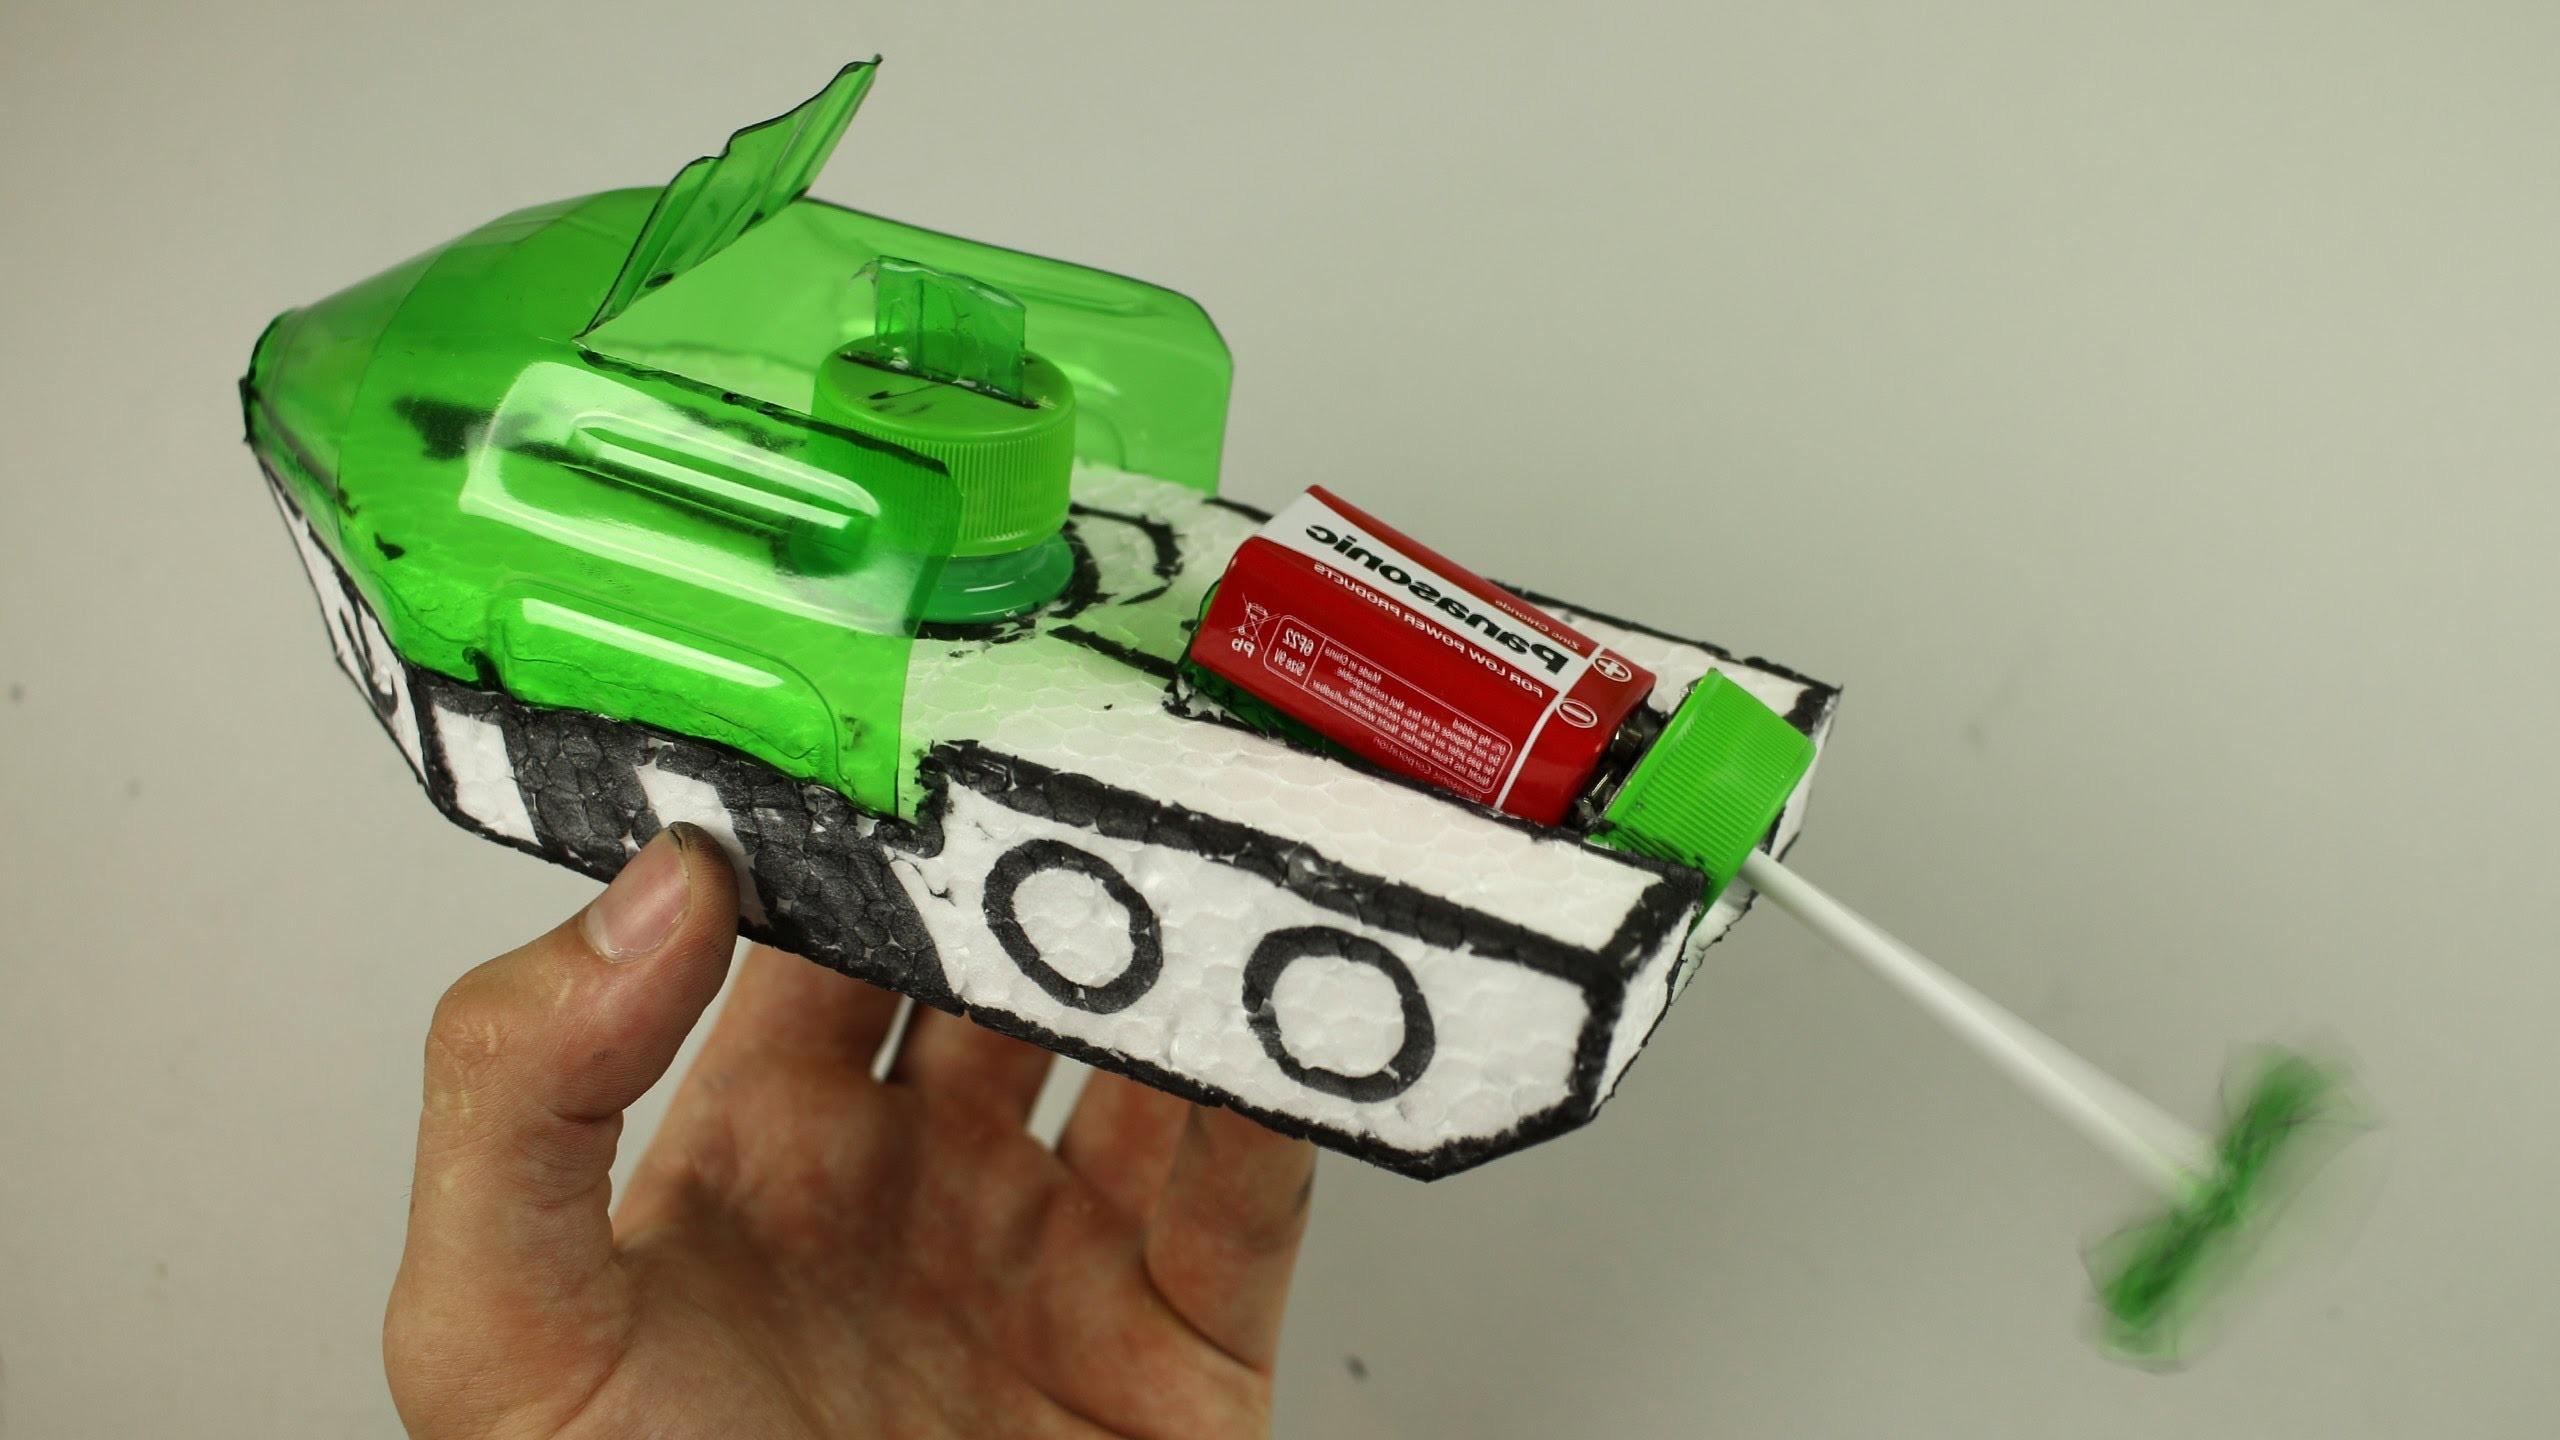 How to make an Electric Boat - (Very Easy) - Cómo hacer un barco eléctrico - (Muy Fácil)